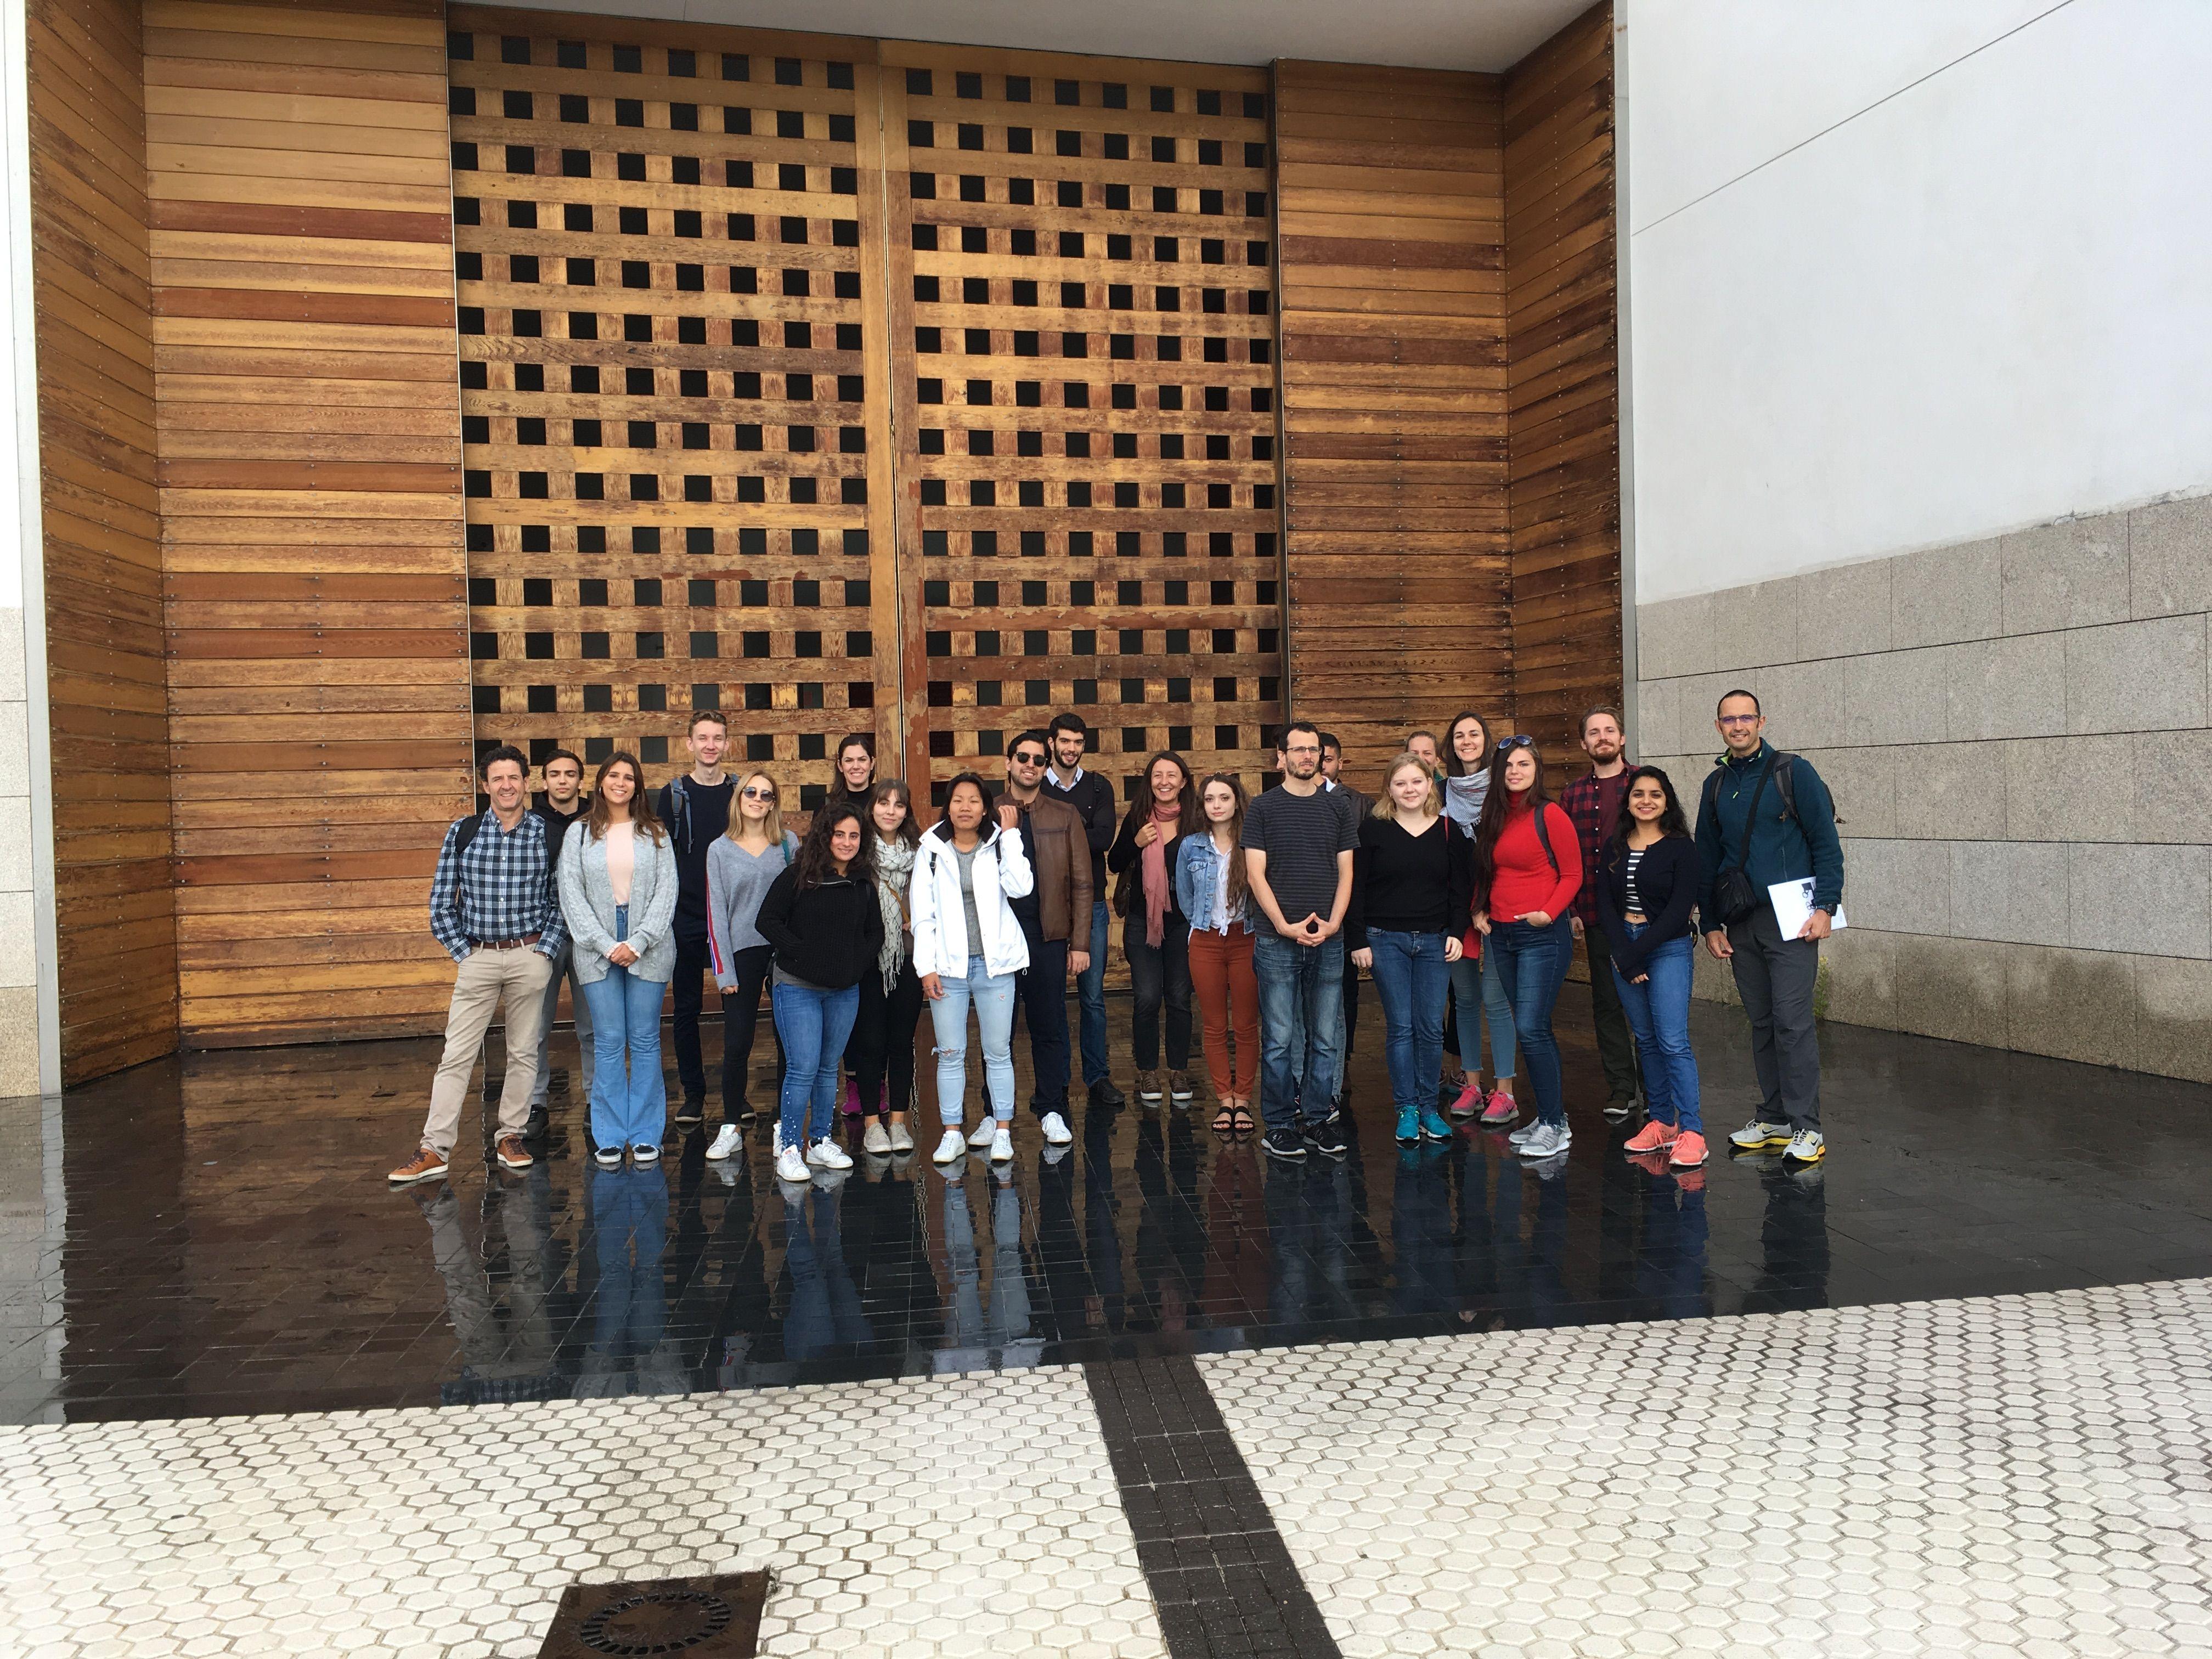 Estudiantes y profesores de Architecture de la CEU UCH, en la iglesia de IESU de San Sebastián, obra de Rafael Moneo.